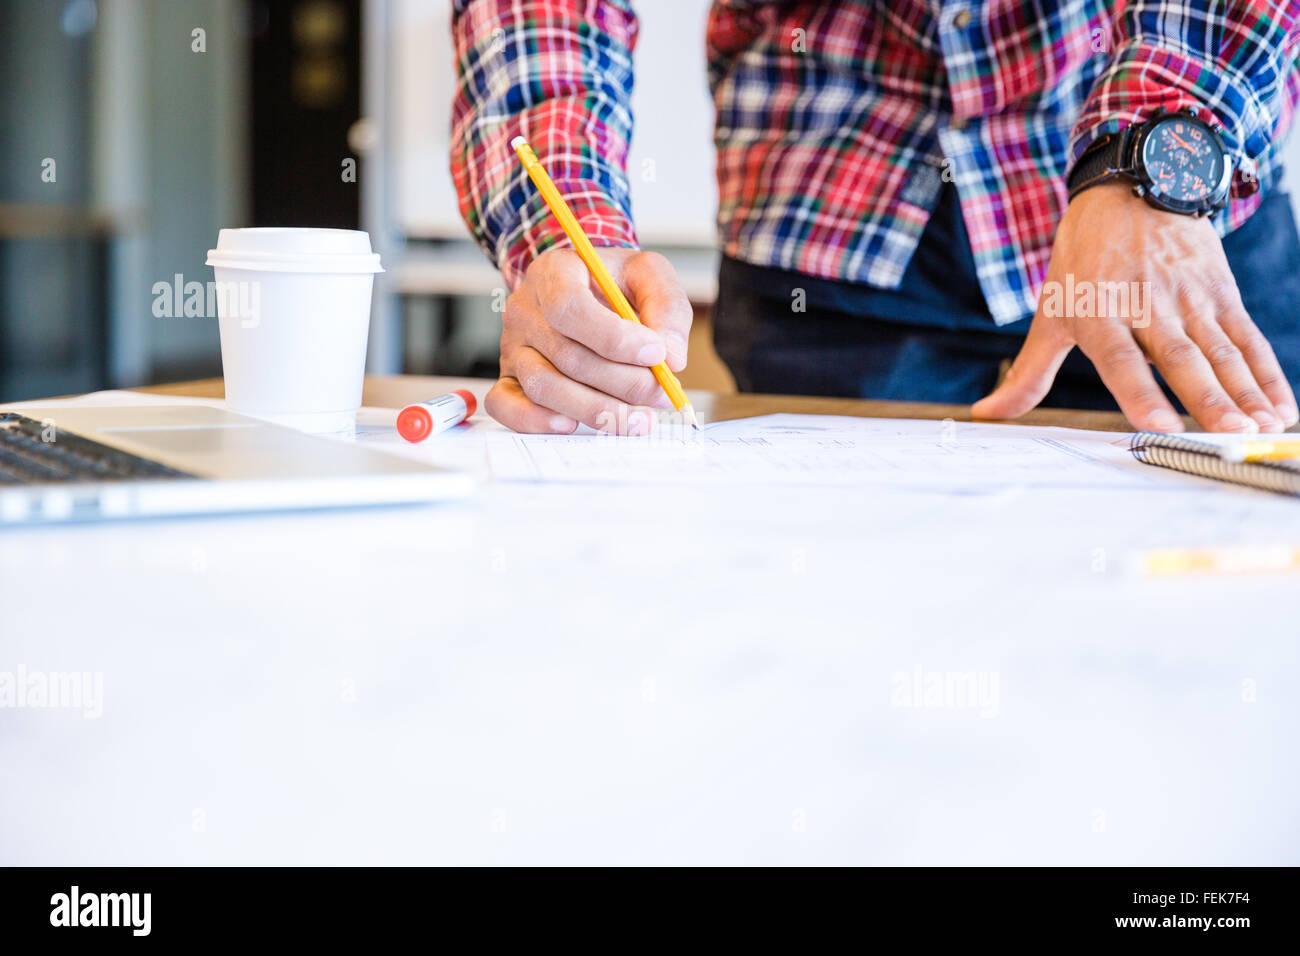 Giovane africano studente americano blueprint di disegno con matita in piedi in aula Immagini Stock